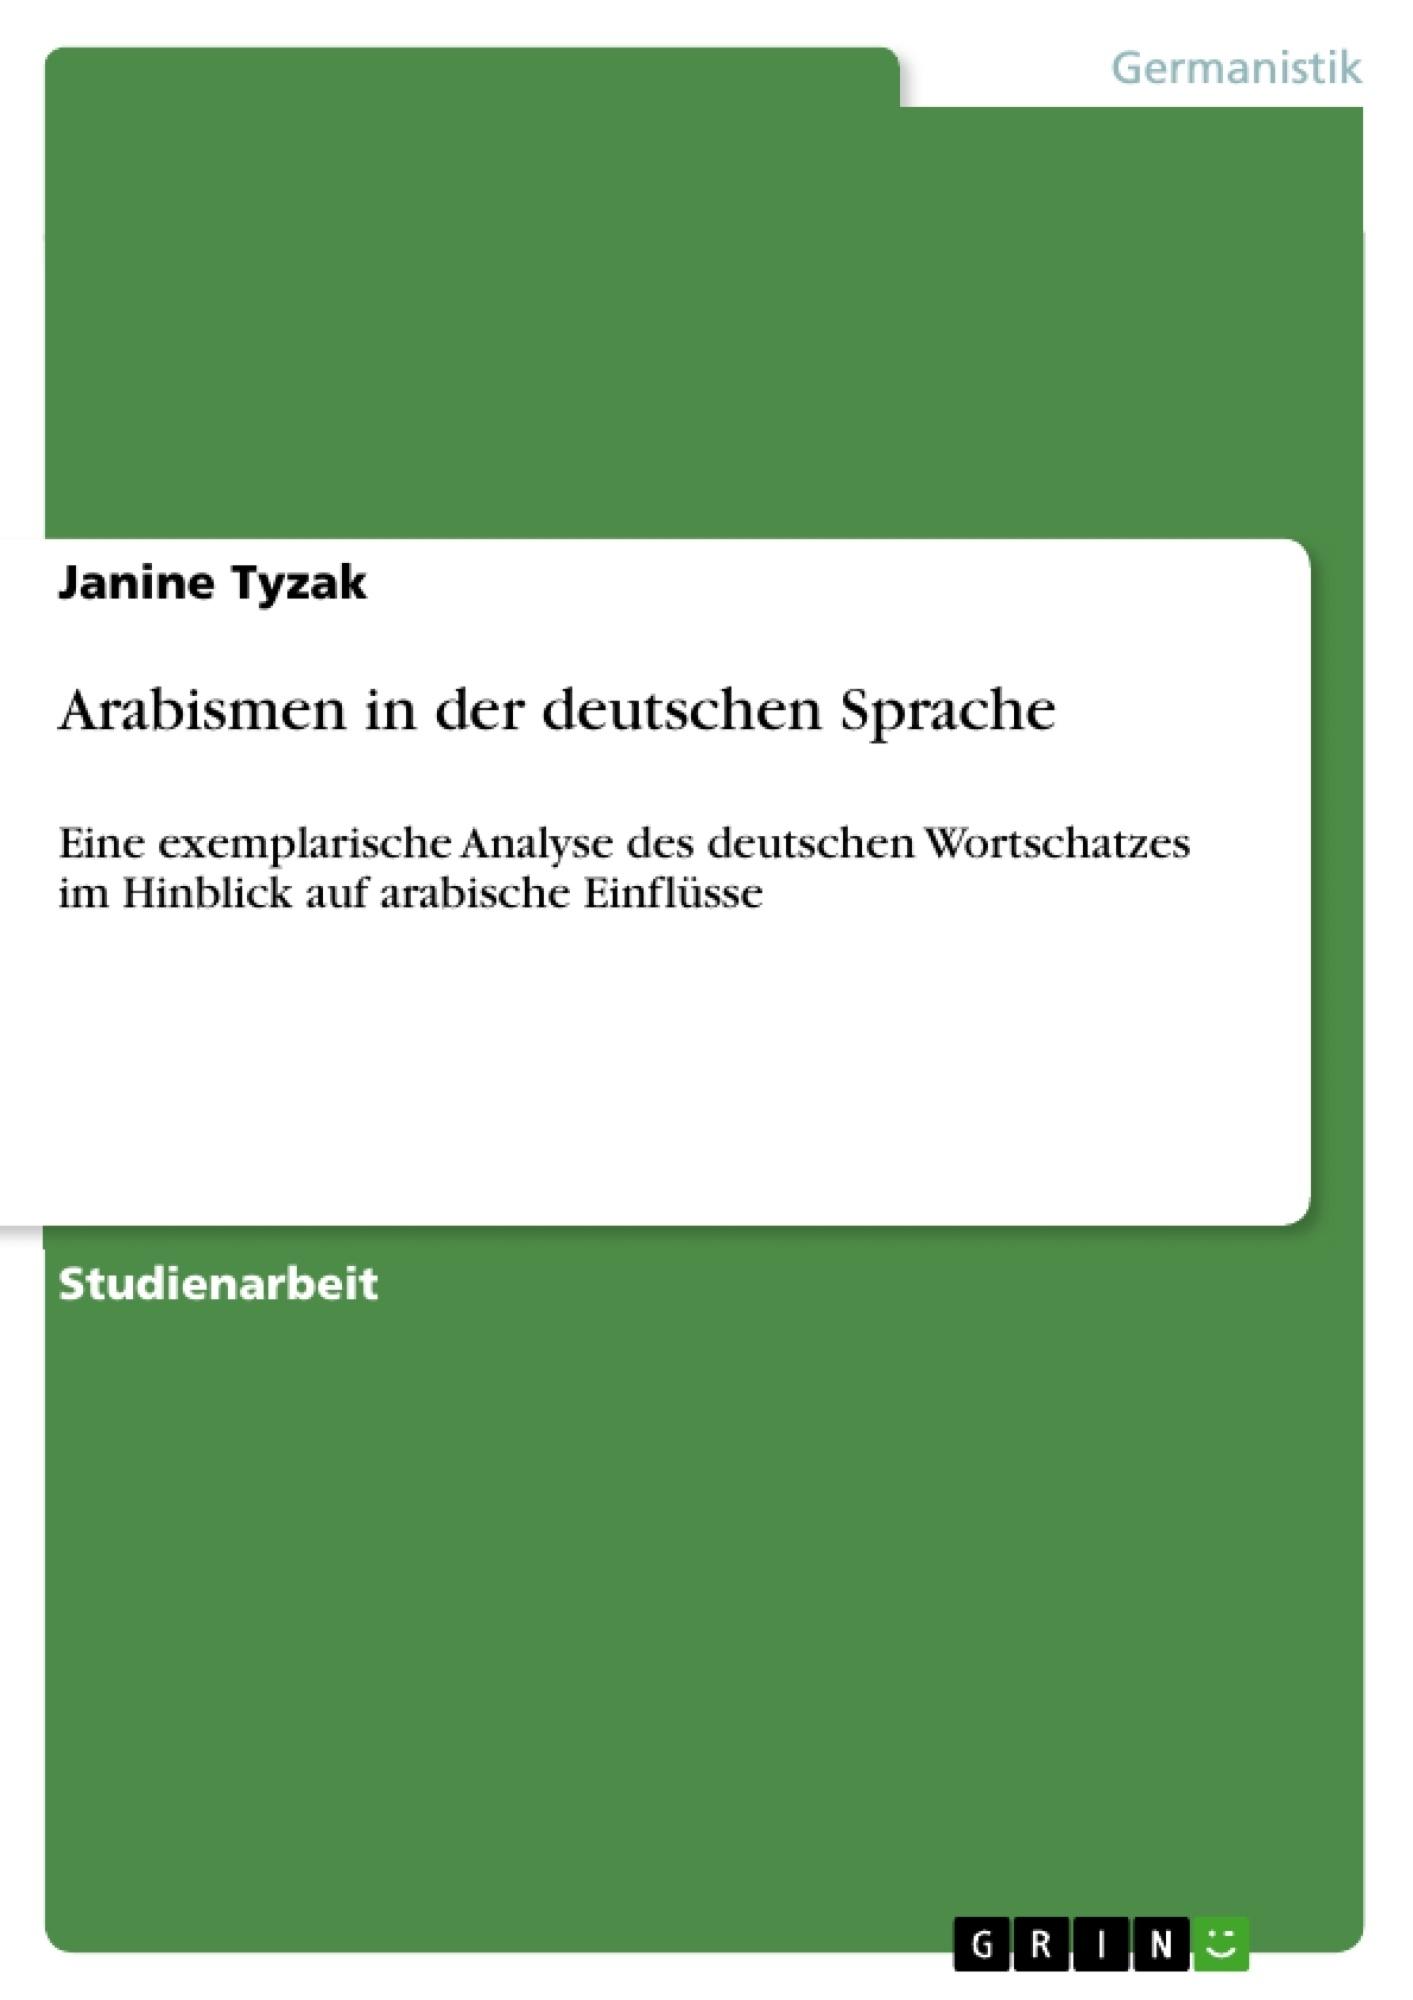 Titel: Arabismen in der deutschen Sprache